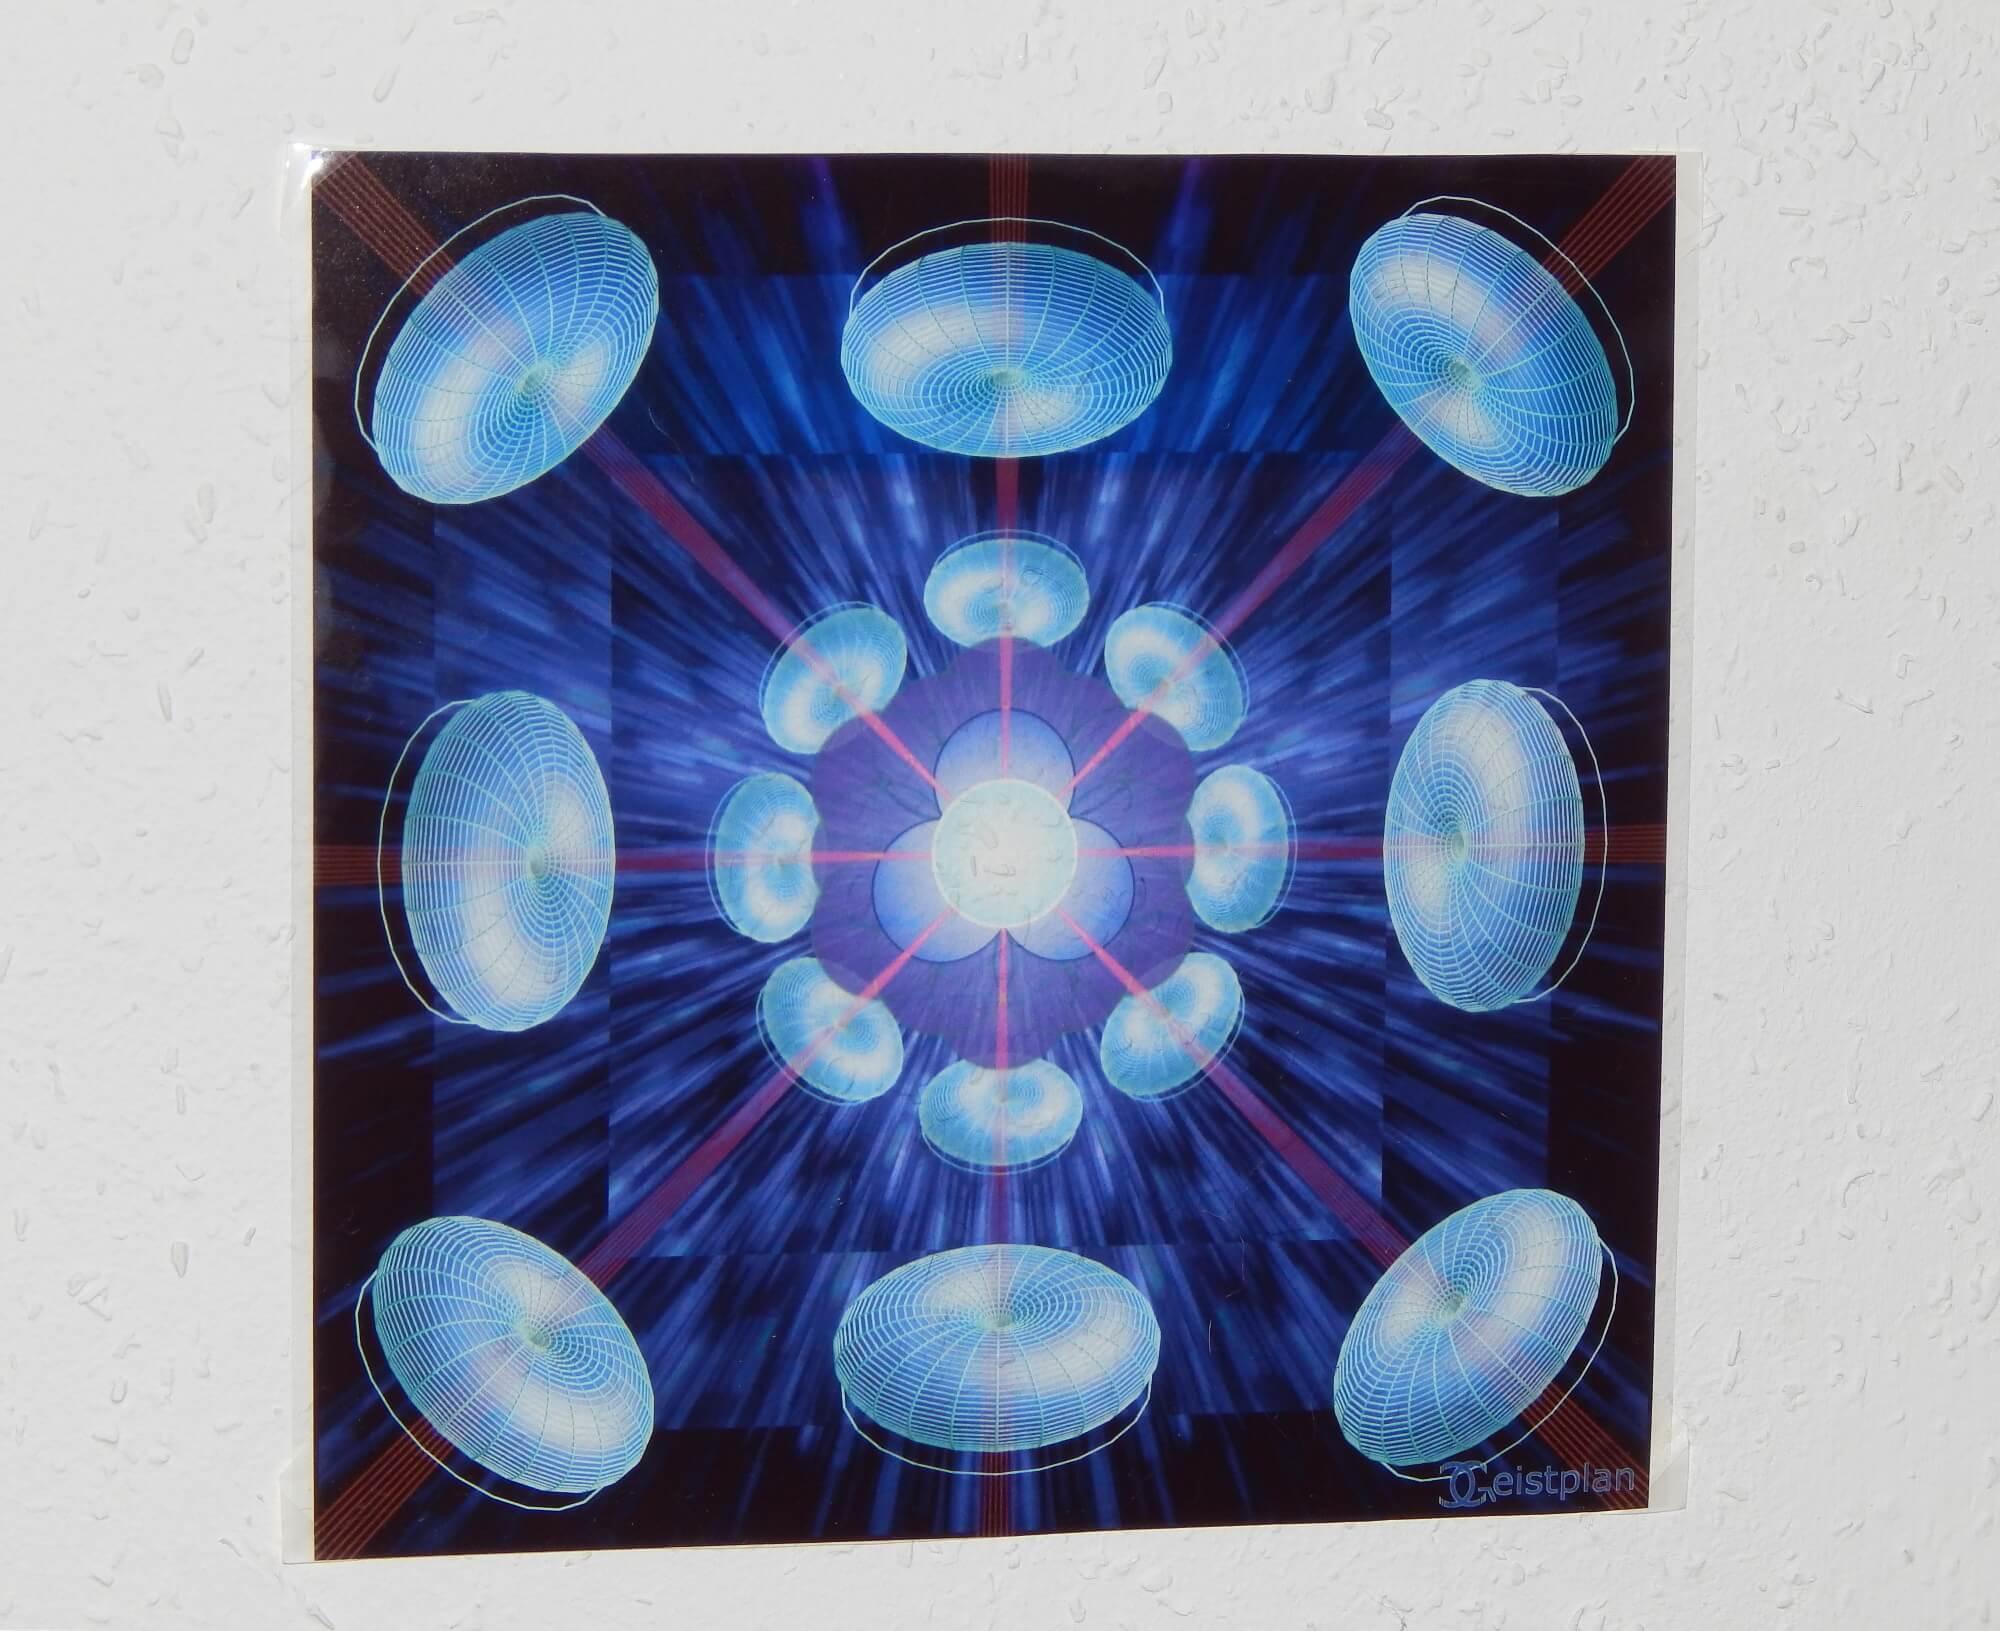 foto von einem sehr kraftvollen Mandala, welches vom Kamarablitz aufleuchtet. das Bild zweigt Tori, die ihre innere Energie zur Mitte bündeln. Blau leuchtend